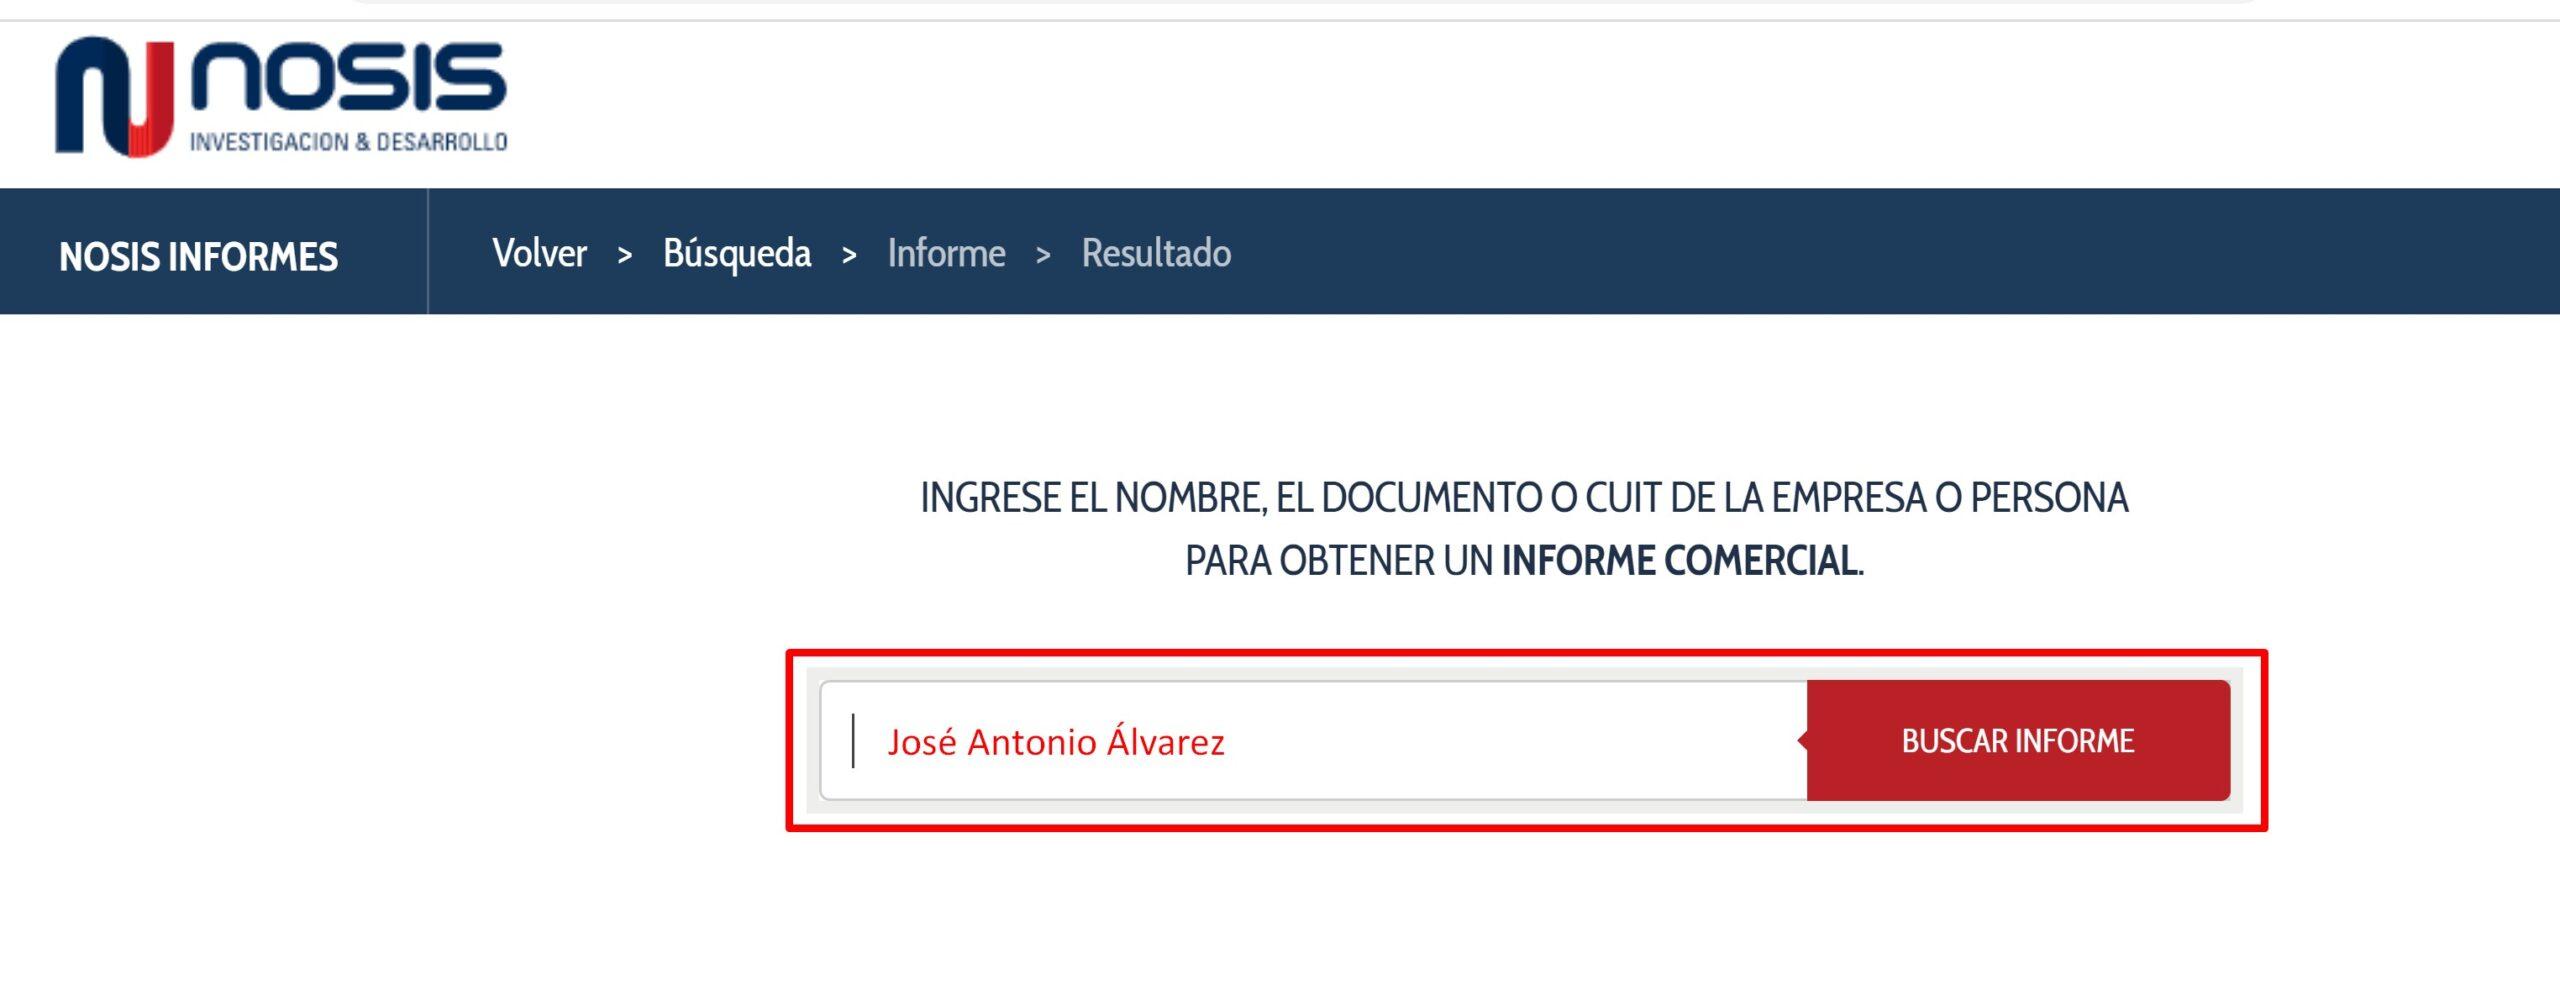 Cómo conseguir personas por Internet en Argentina